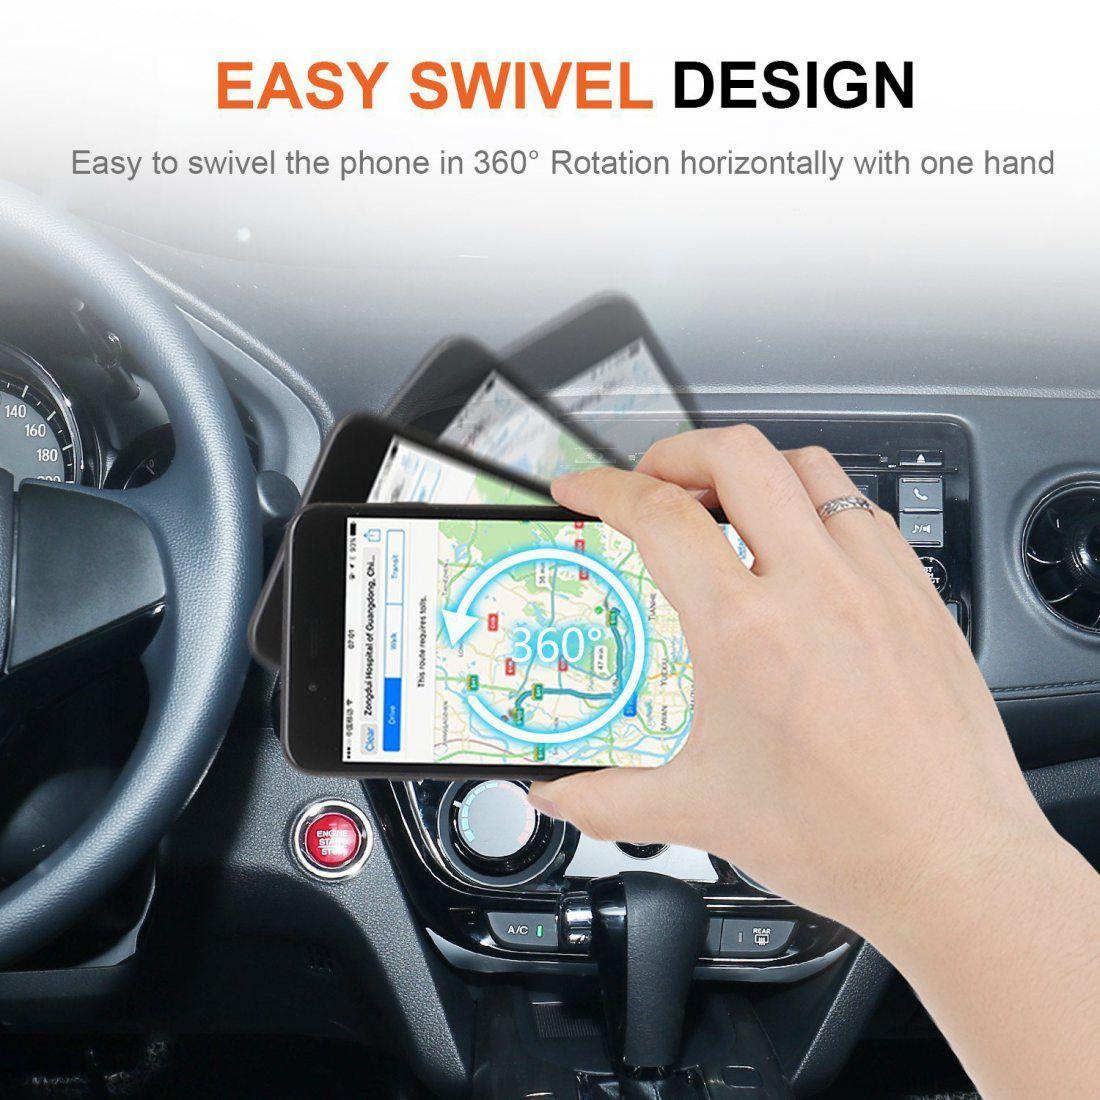 [Lot de 2] iVoler Extra Mini Support Téléphone Voiture Magnétique à Grille d'Aération en Aluminium avec 4 Plaques Métalliques